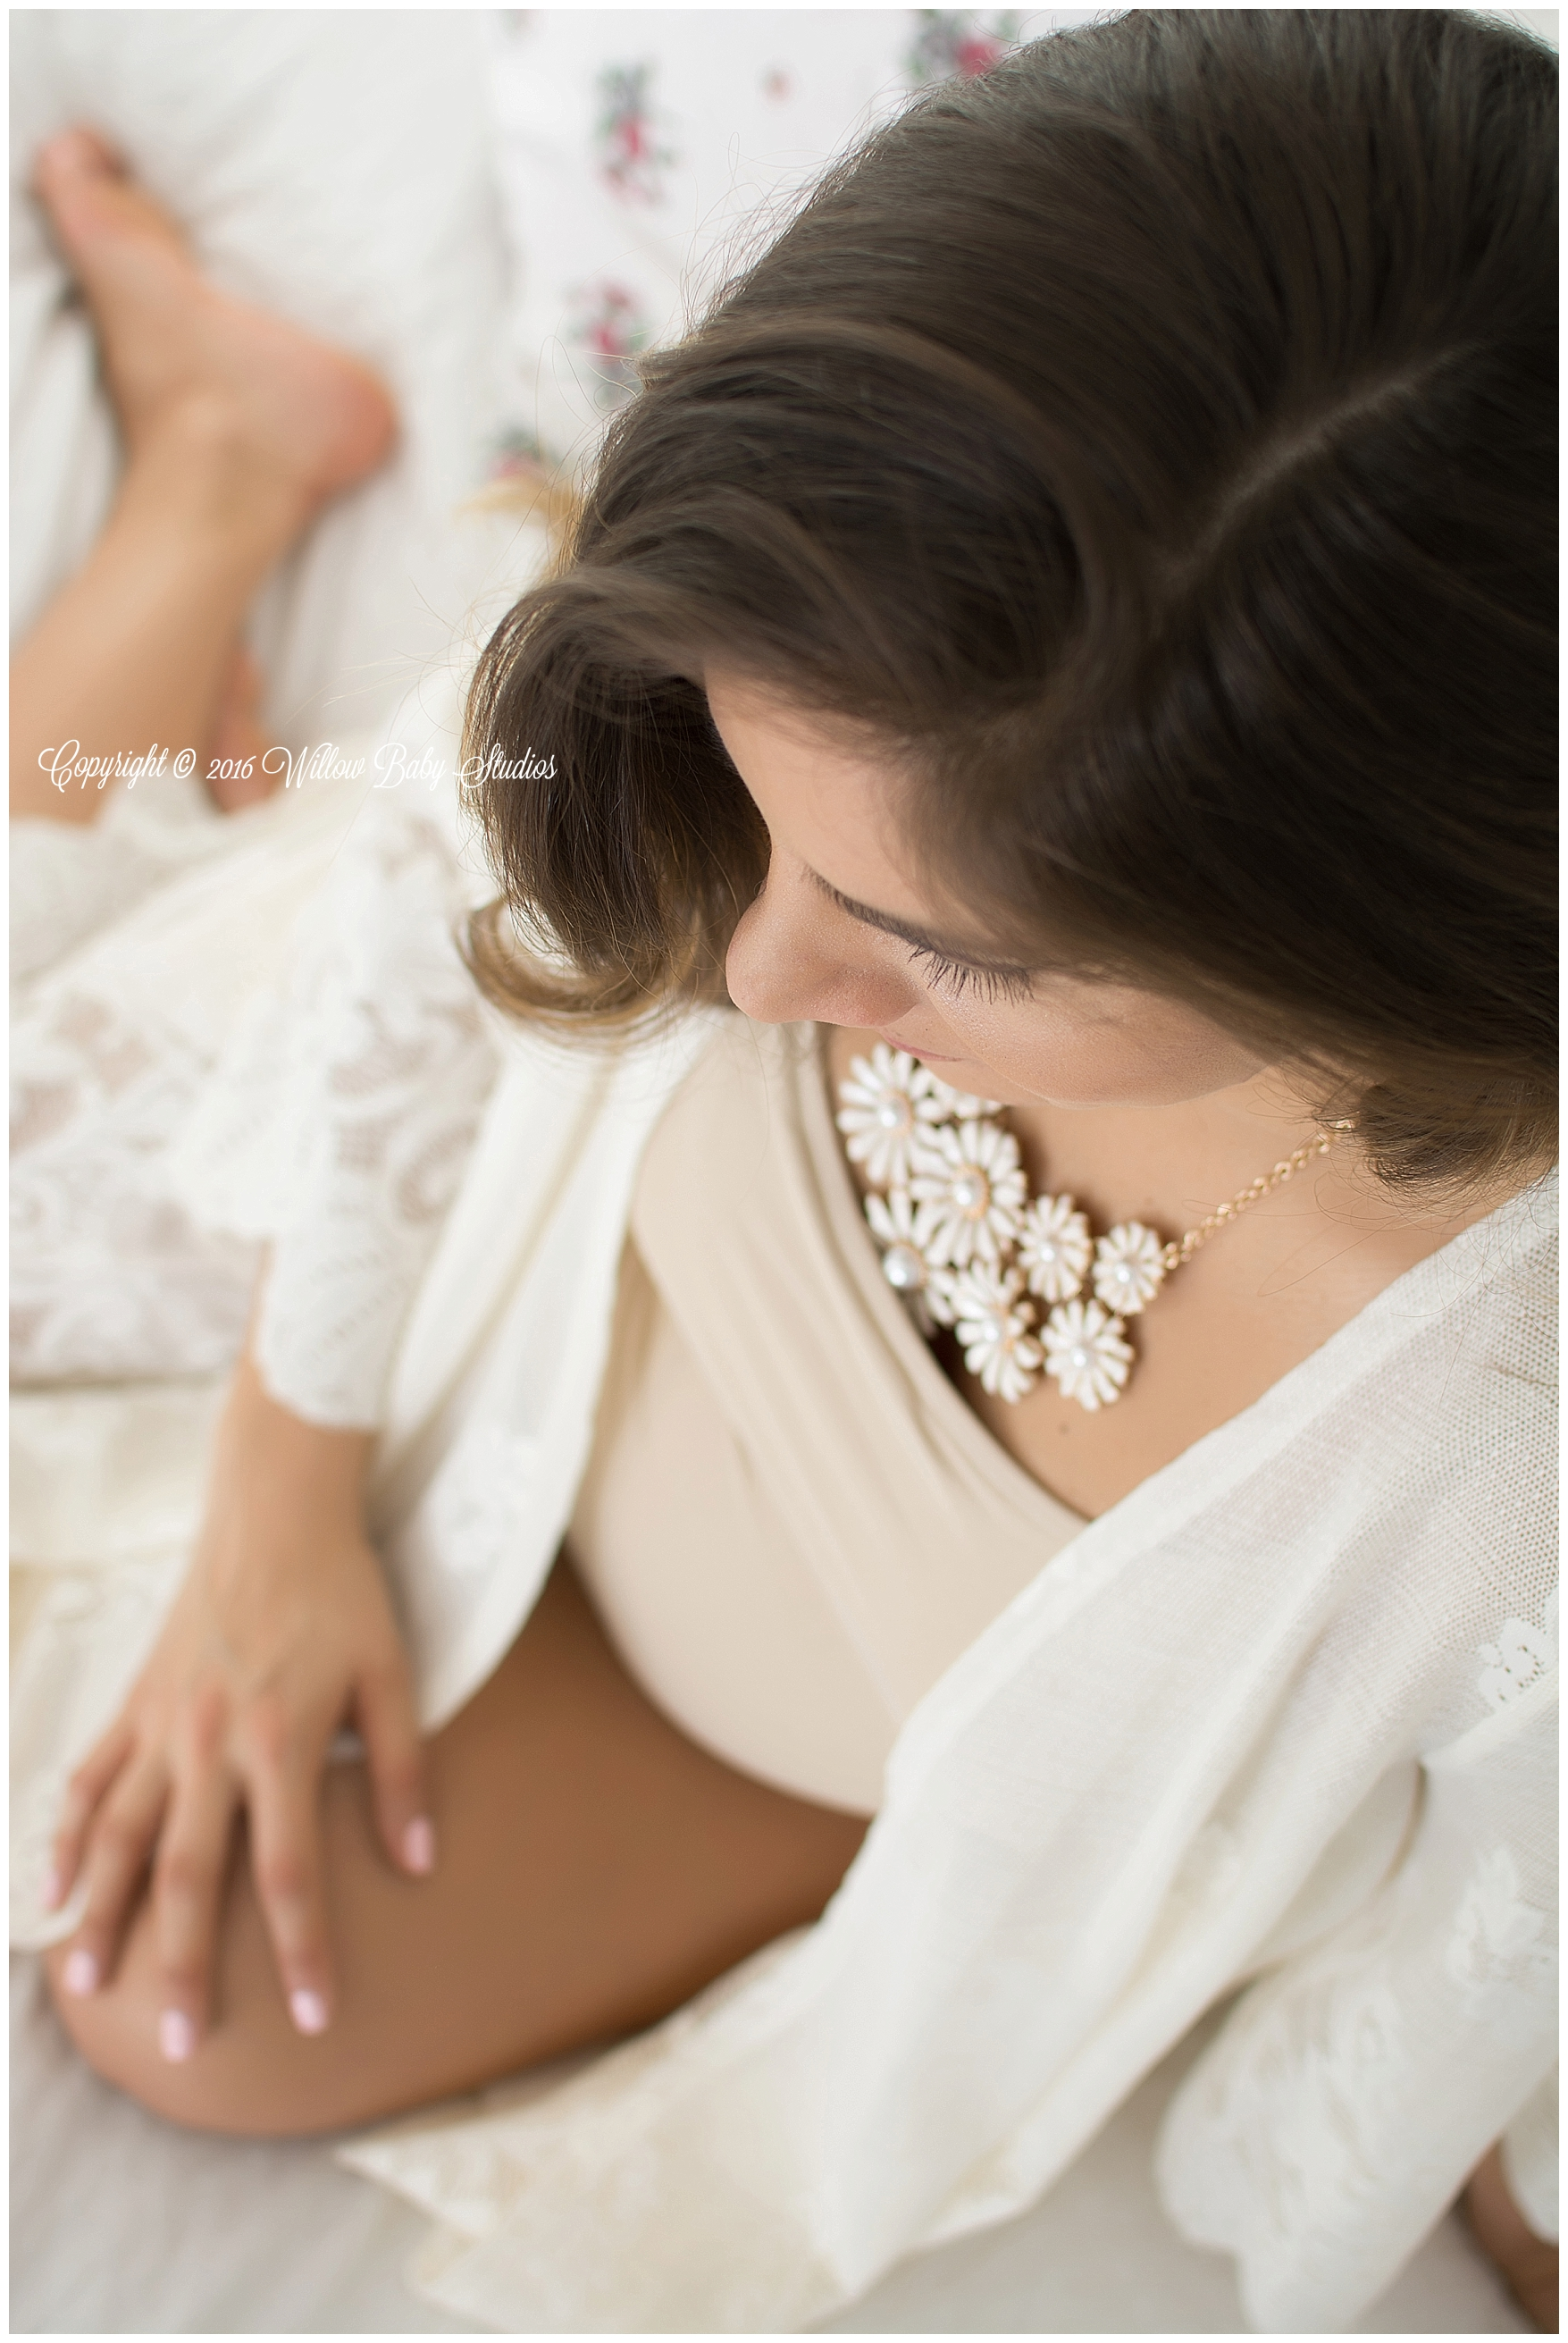 arlington-ma-maternity-photography-02